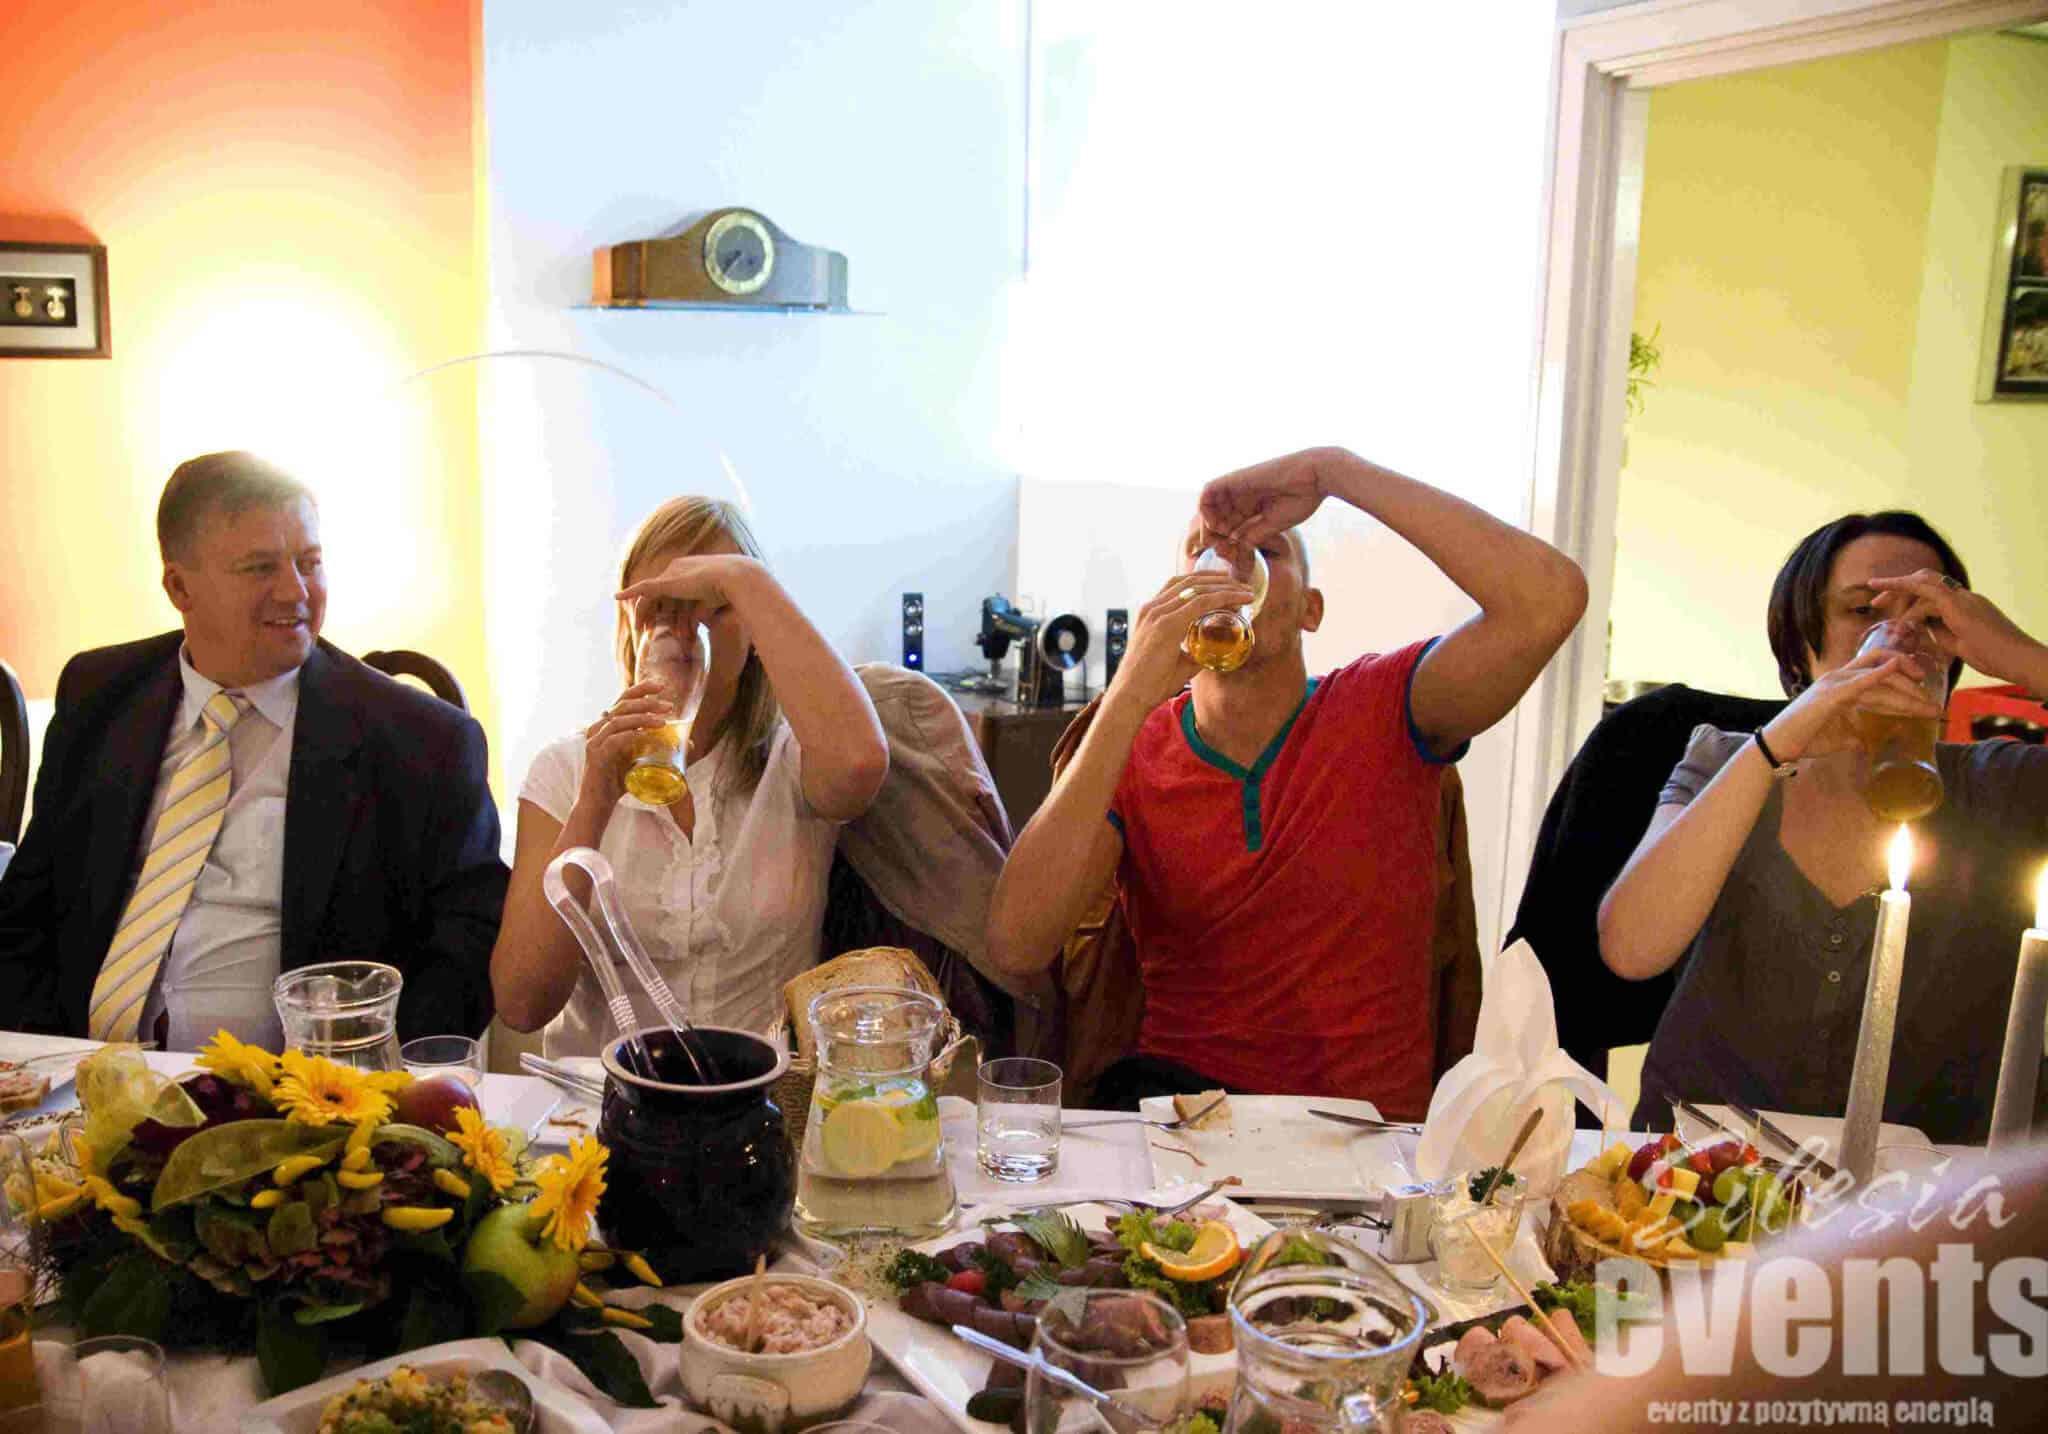 warsztaty kulinarne śląskie, imprezy integracyjne śląskie, team building śląskie